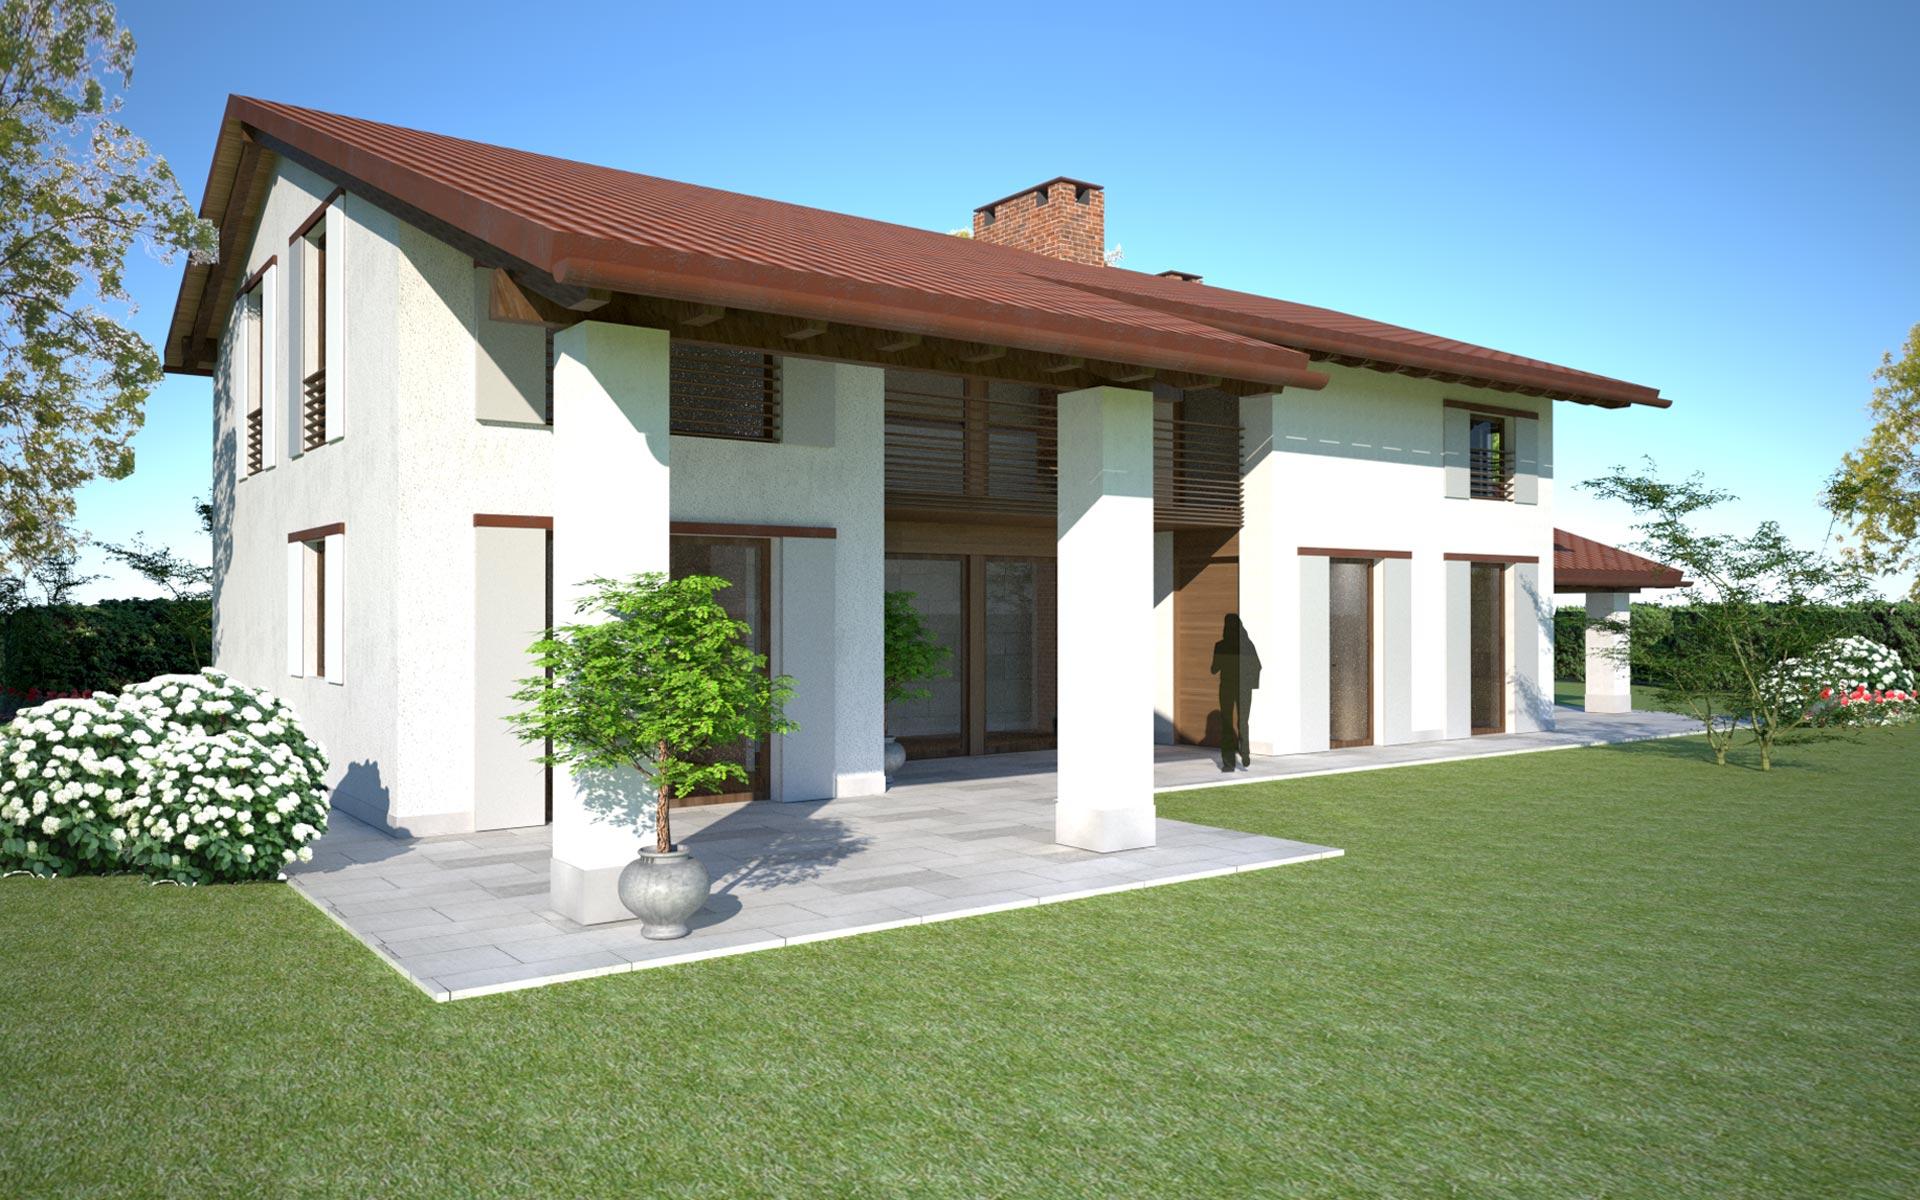 Villa con struttura in legno x lam treviso globarch for Piani di casa personalizzati con costo per costruire